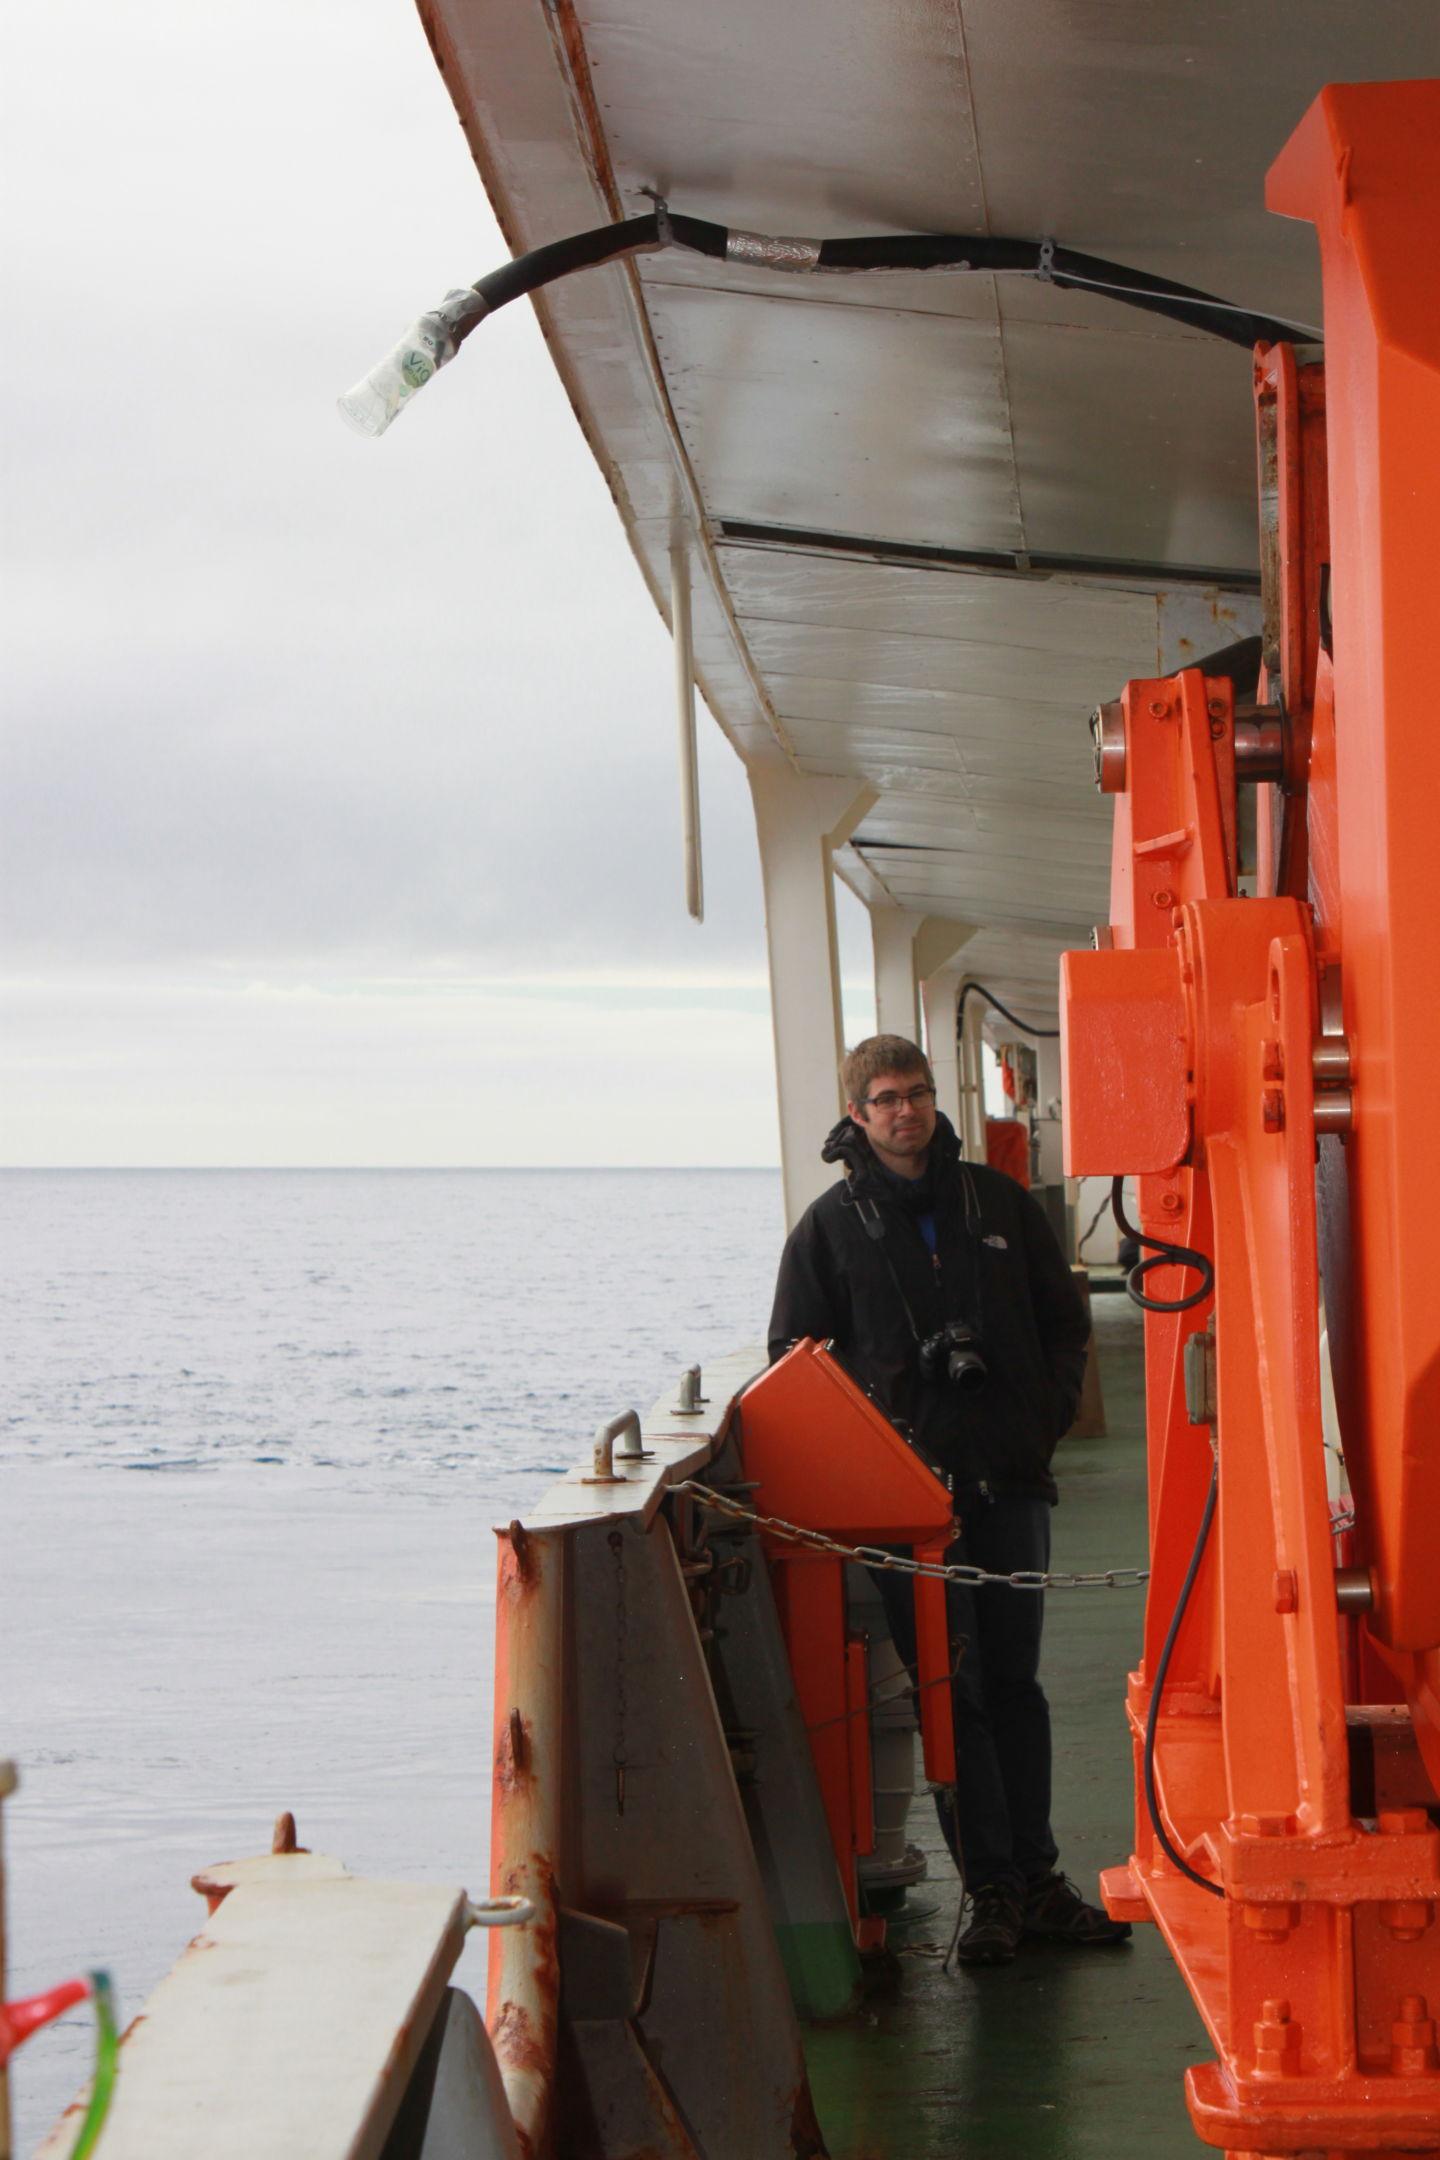 Истории из жизни IT-специалиста на судне, прошедшем вокруг Антарктики - 6